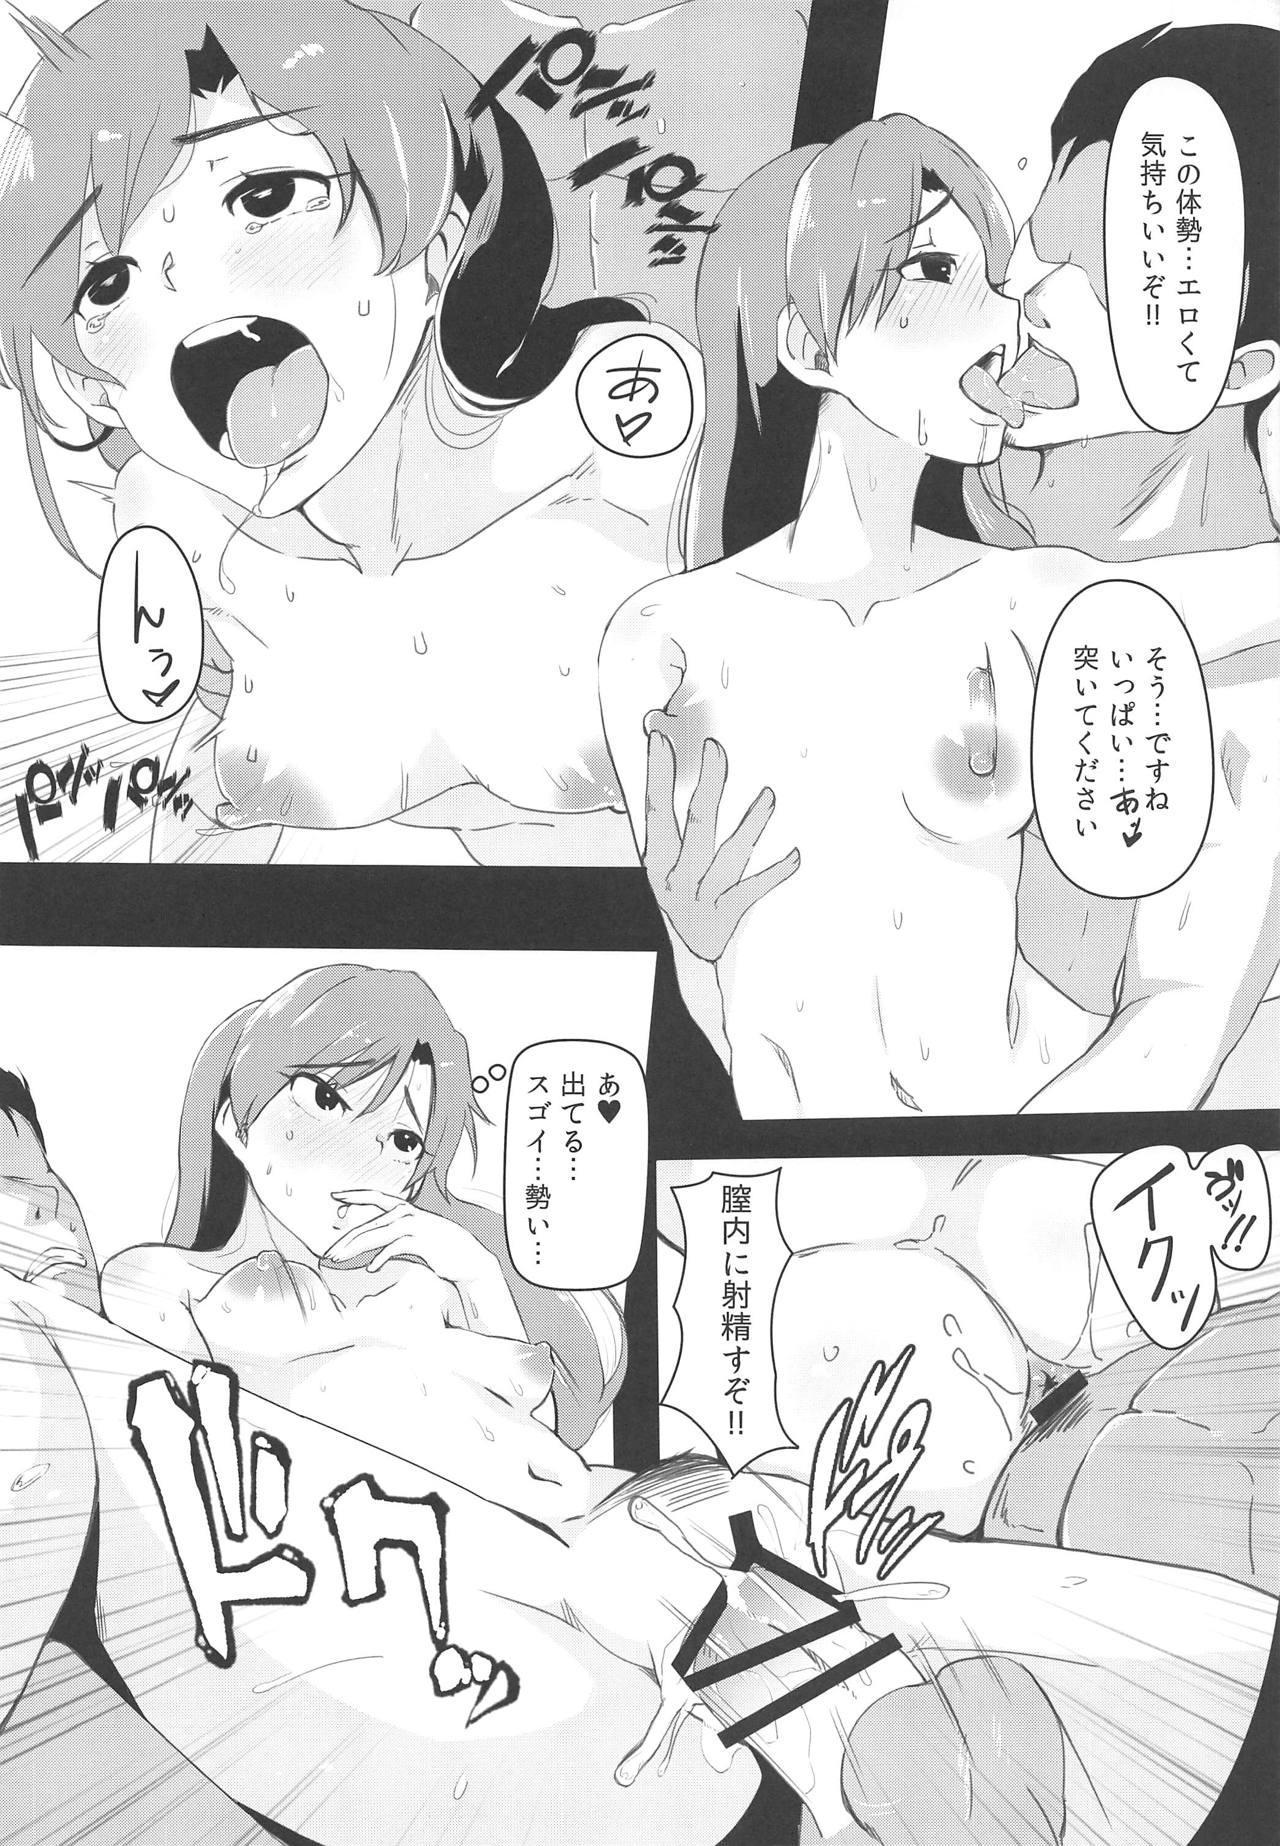 Chihaya to Icha Love Ecchi Suru Hon 6